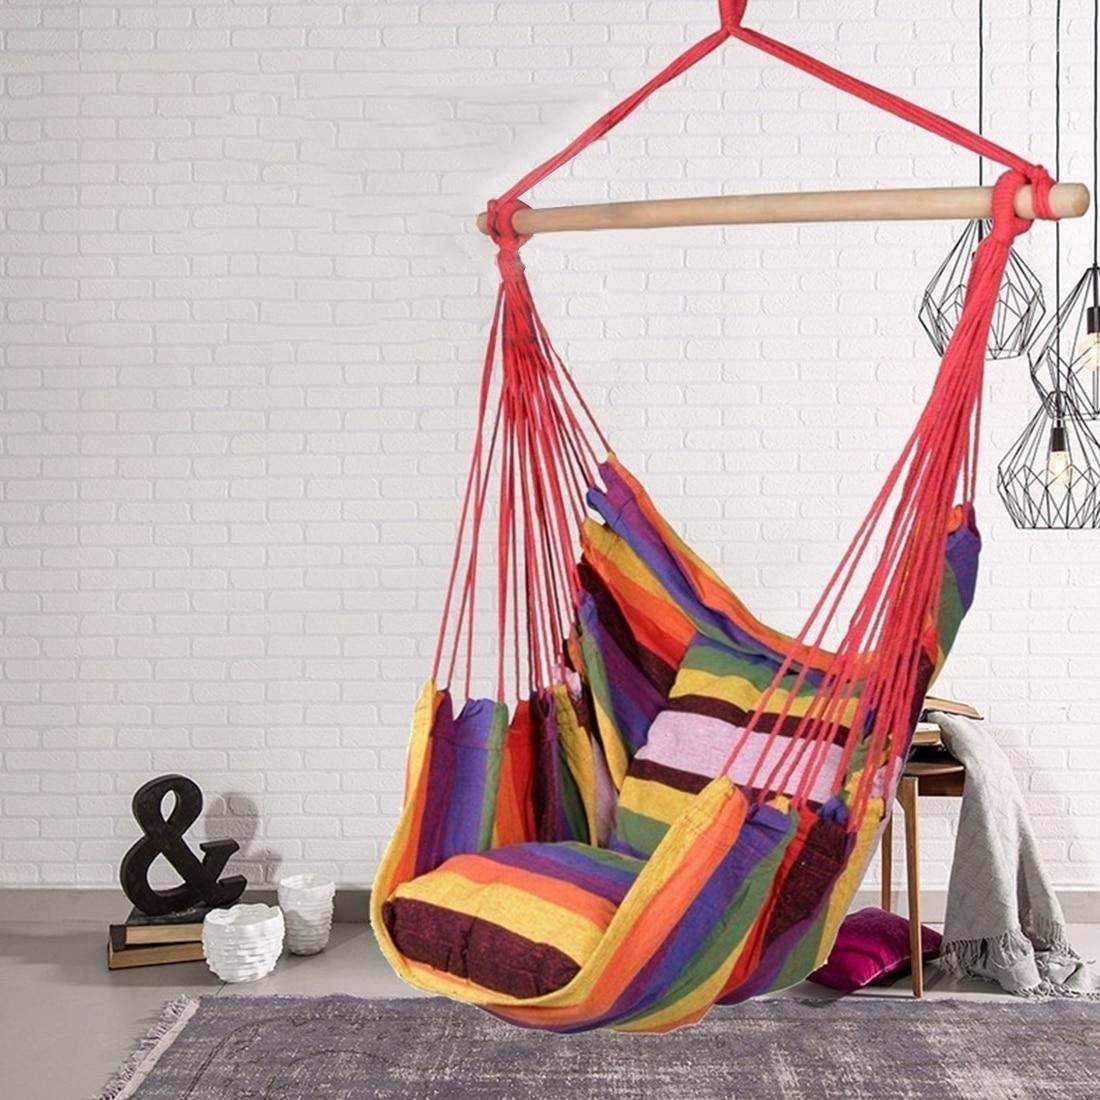 Уличный гамак, качели, садовый стул для кемпинга, уличная мебель, строп-стул, кресло-качели, кресло для ленивых, веревочное кресло